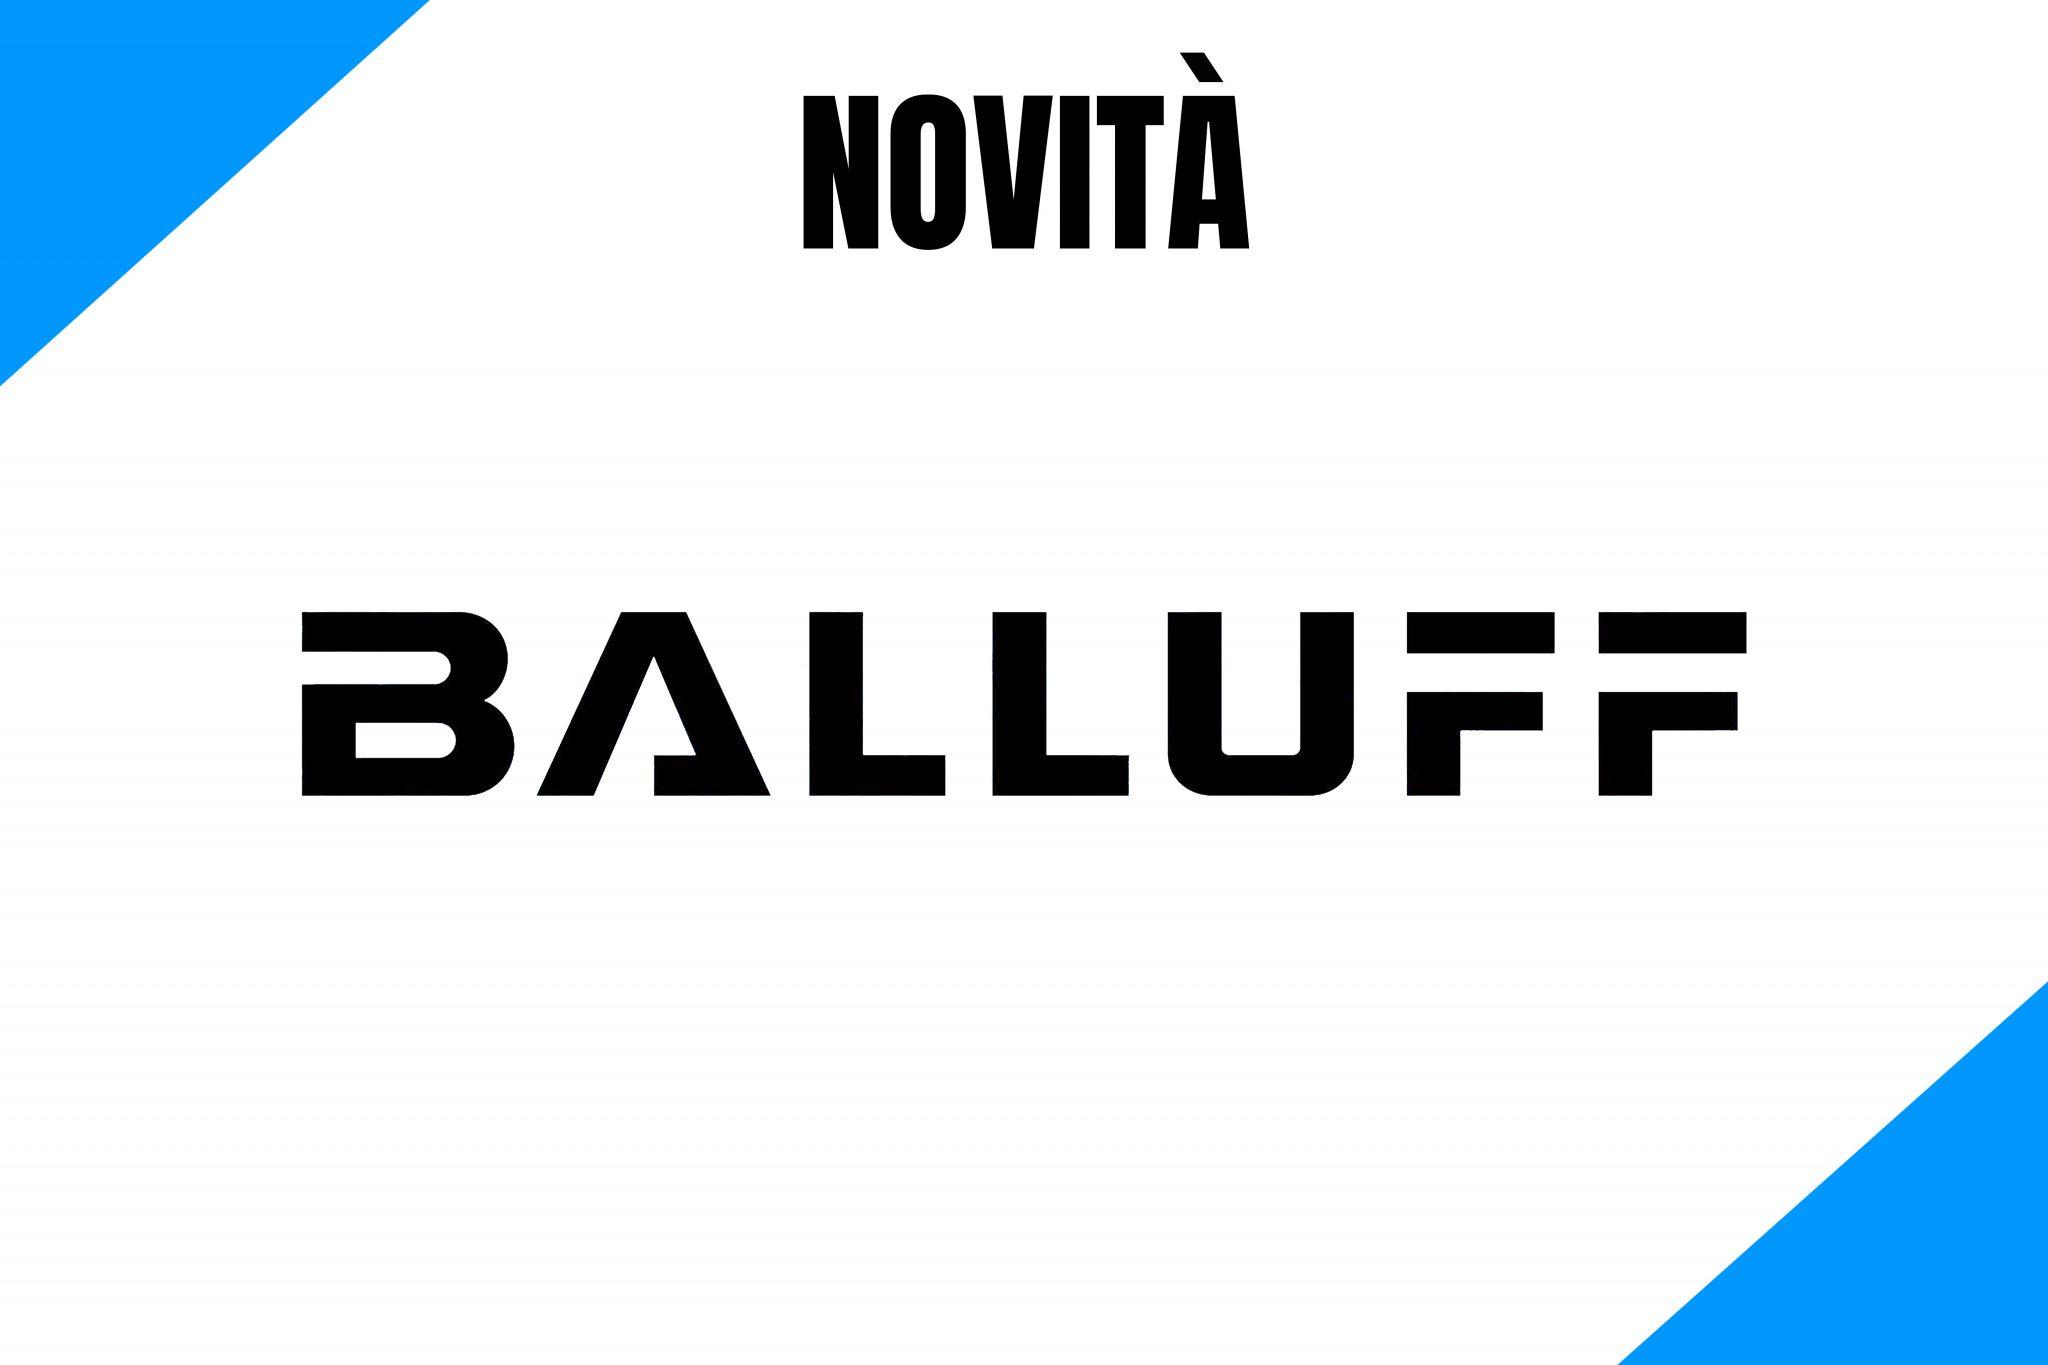 BOD 6k di Balluff, nuovi componenti elettronici distribuiti da Electro I.B